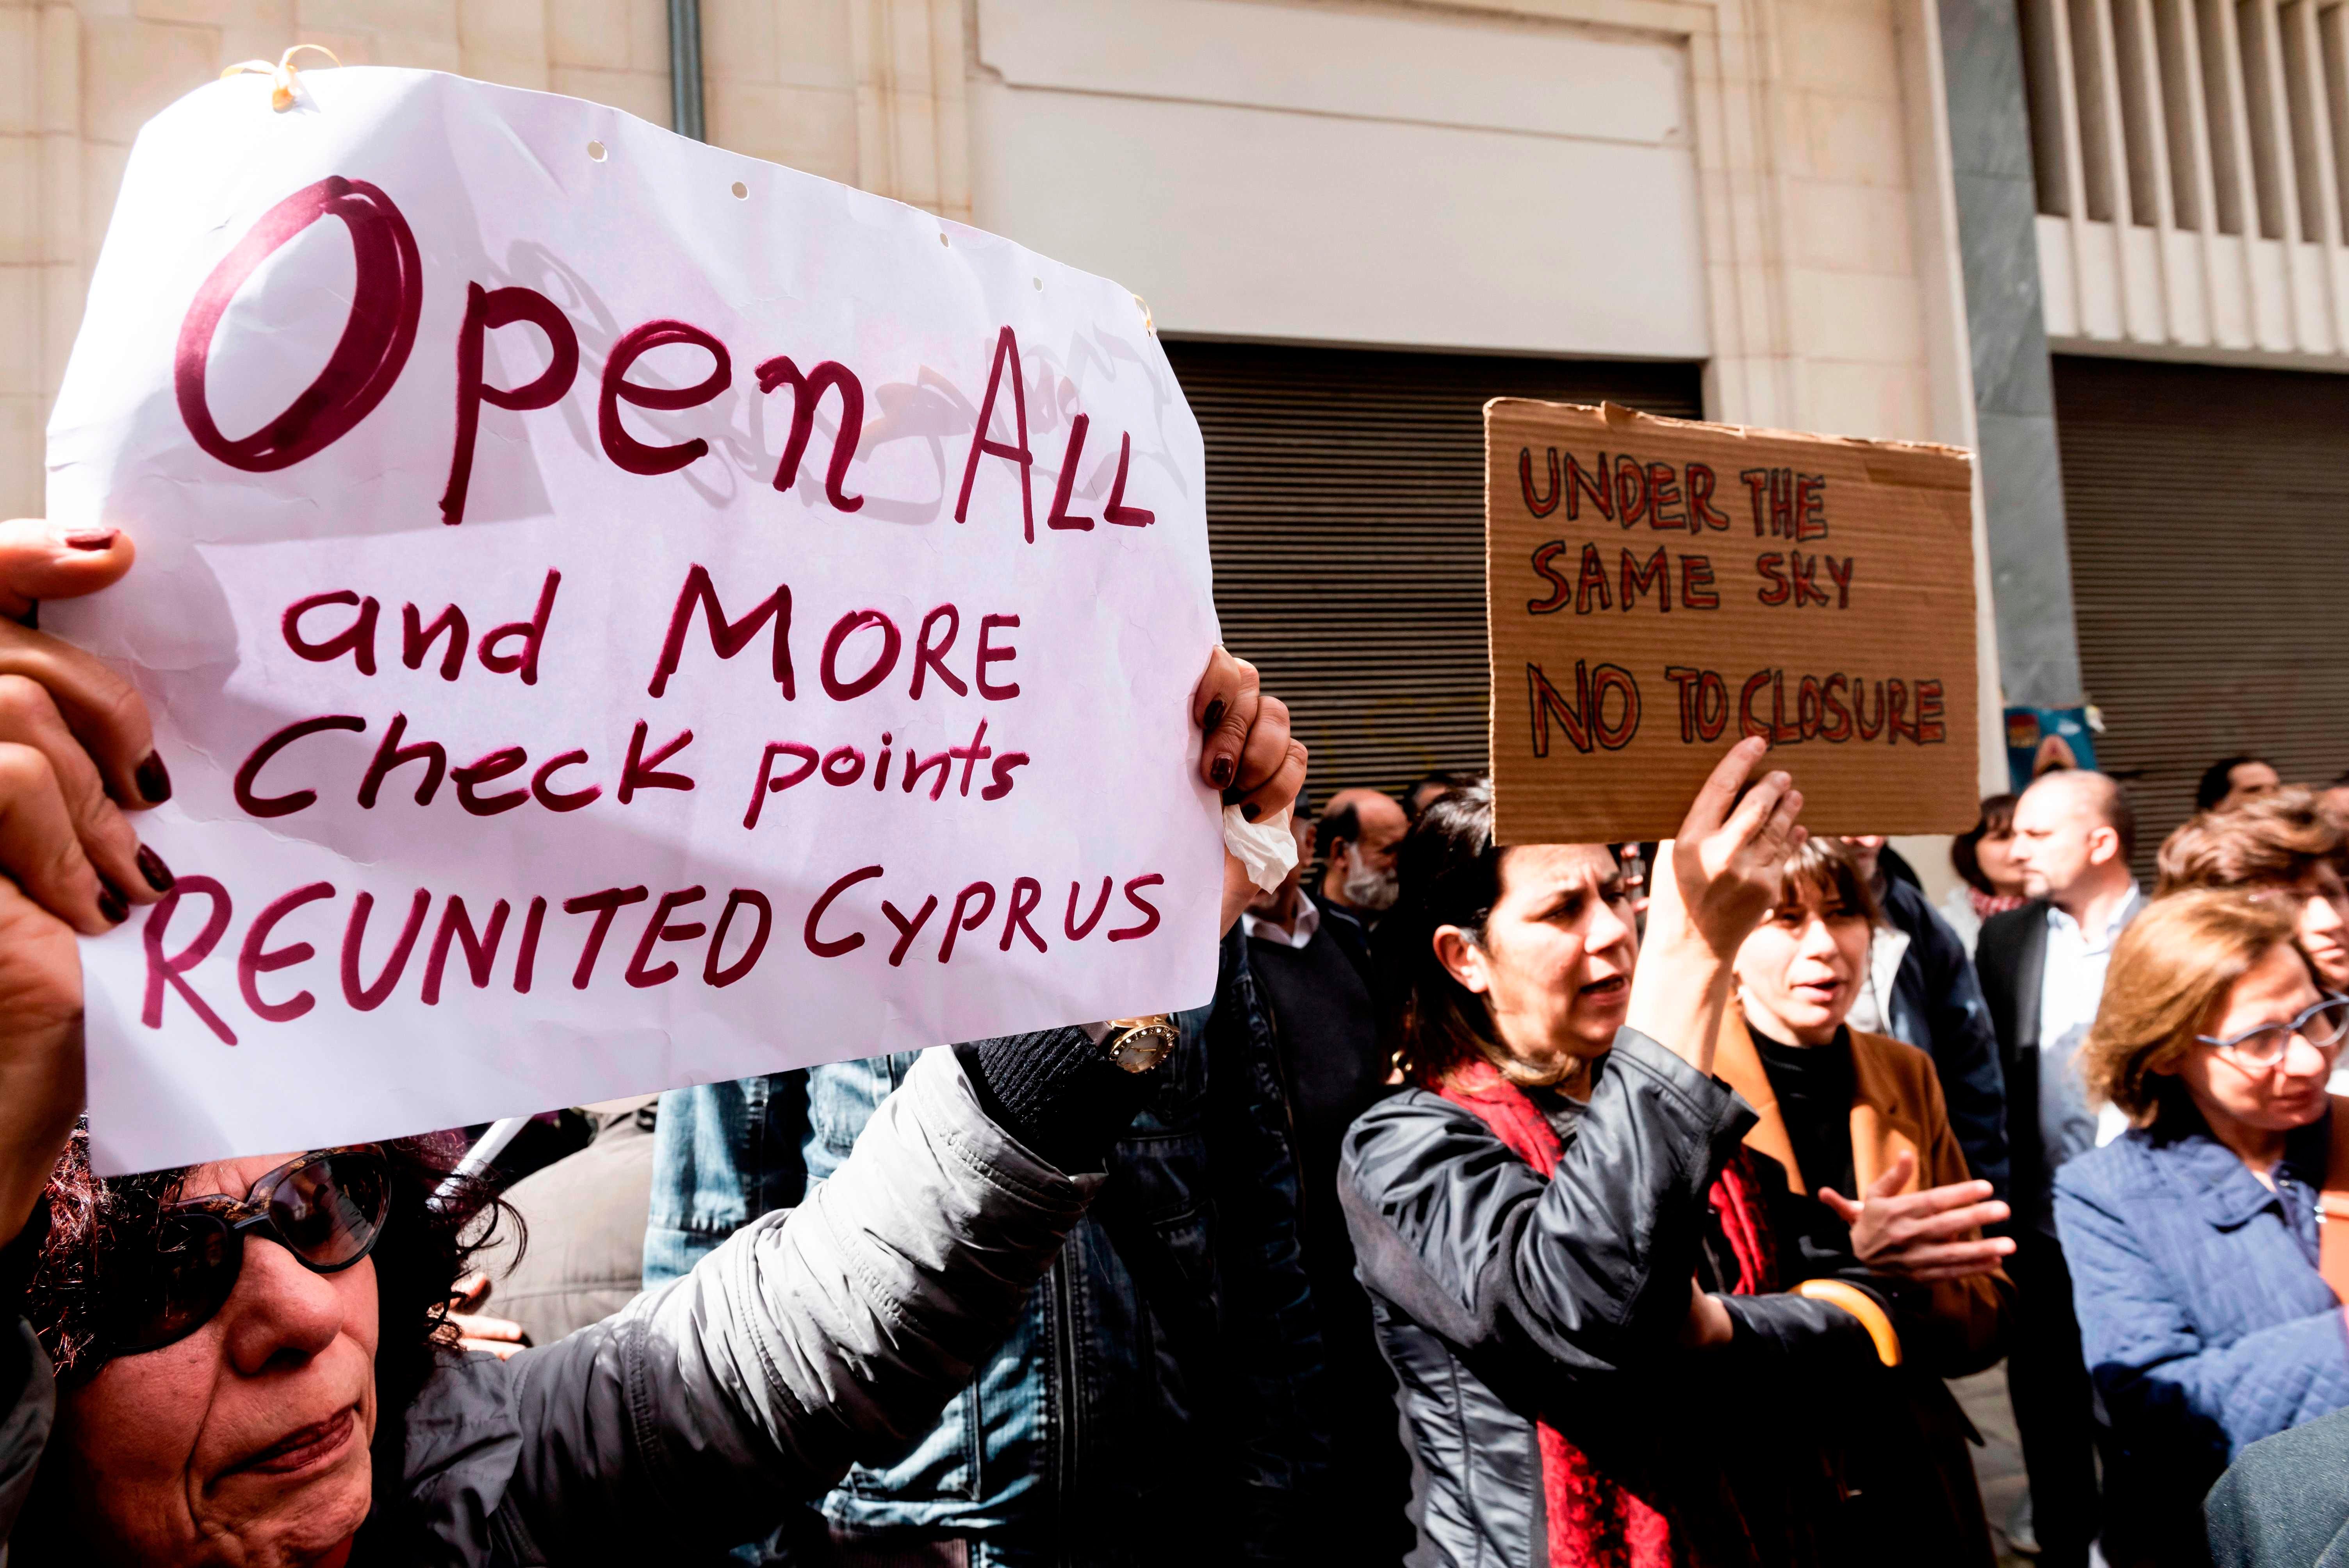 Cypriot homosexuals